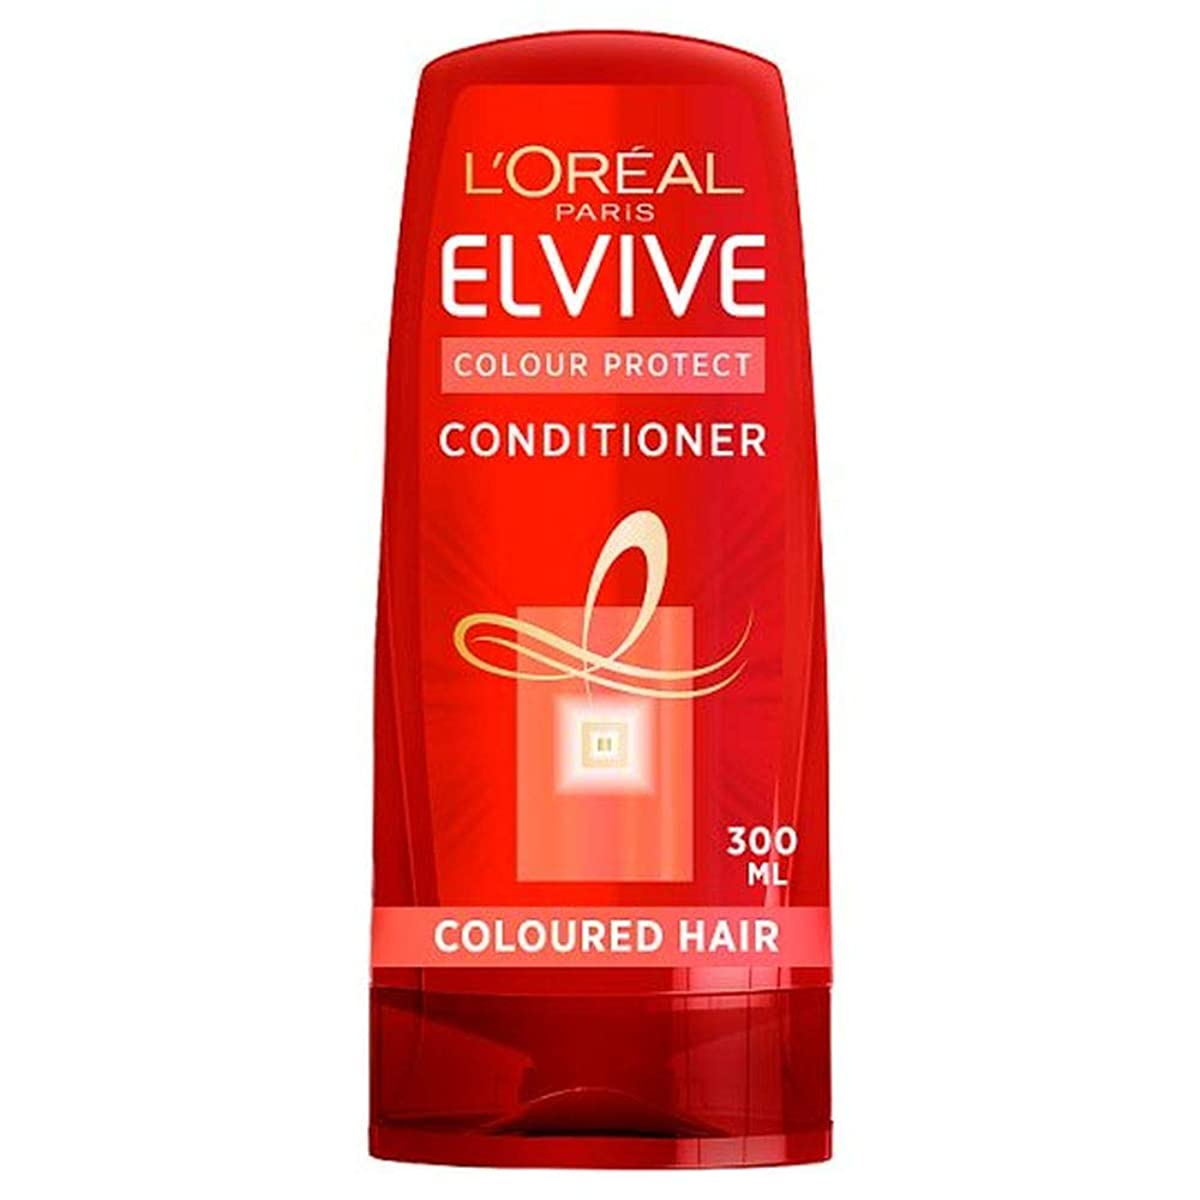 全体に分類署名[Elvive] ロレアルElvive色の保護ヘアコンディショナー300ミリリットル - L'oreal Elvive Coloured Protection Hair Conditioner 300Ml [並行輸入品]